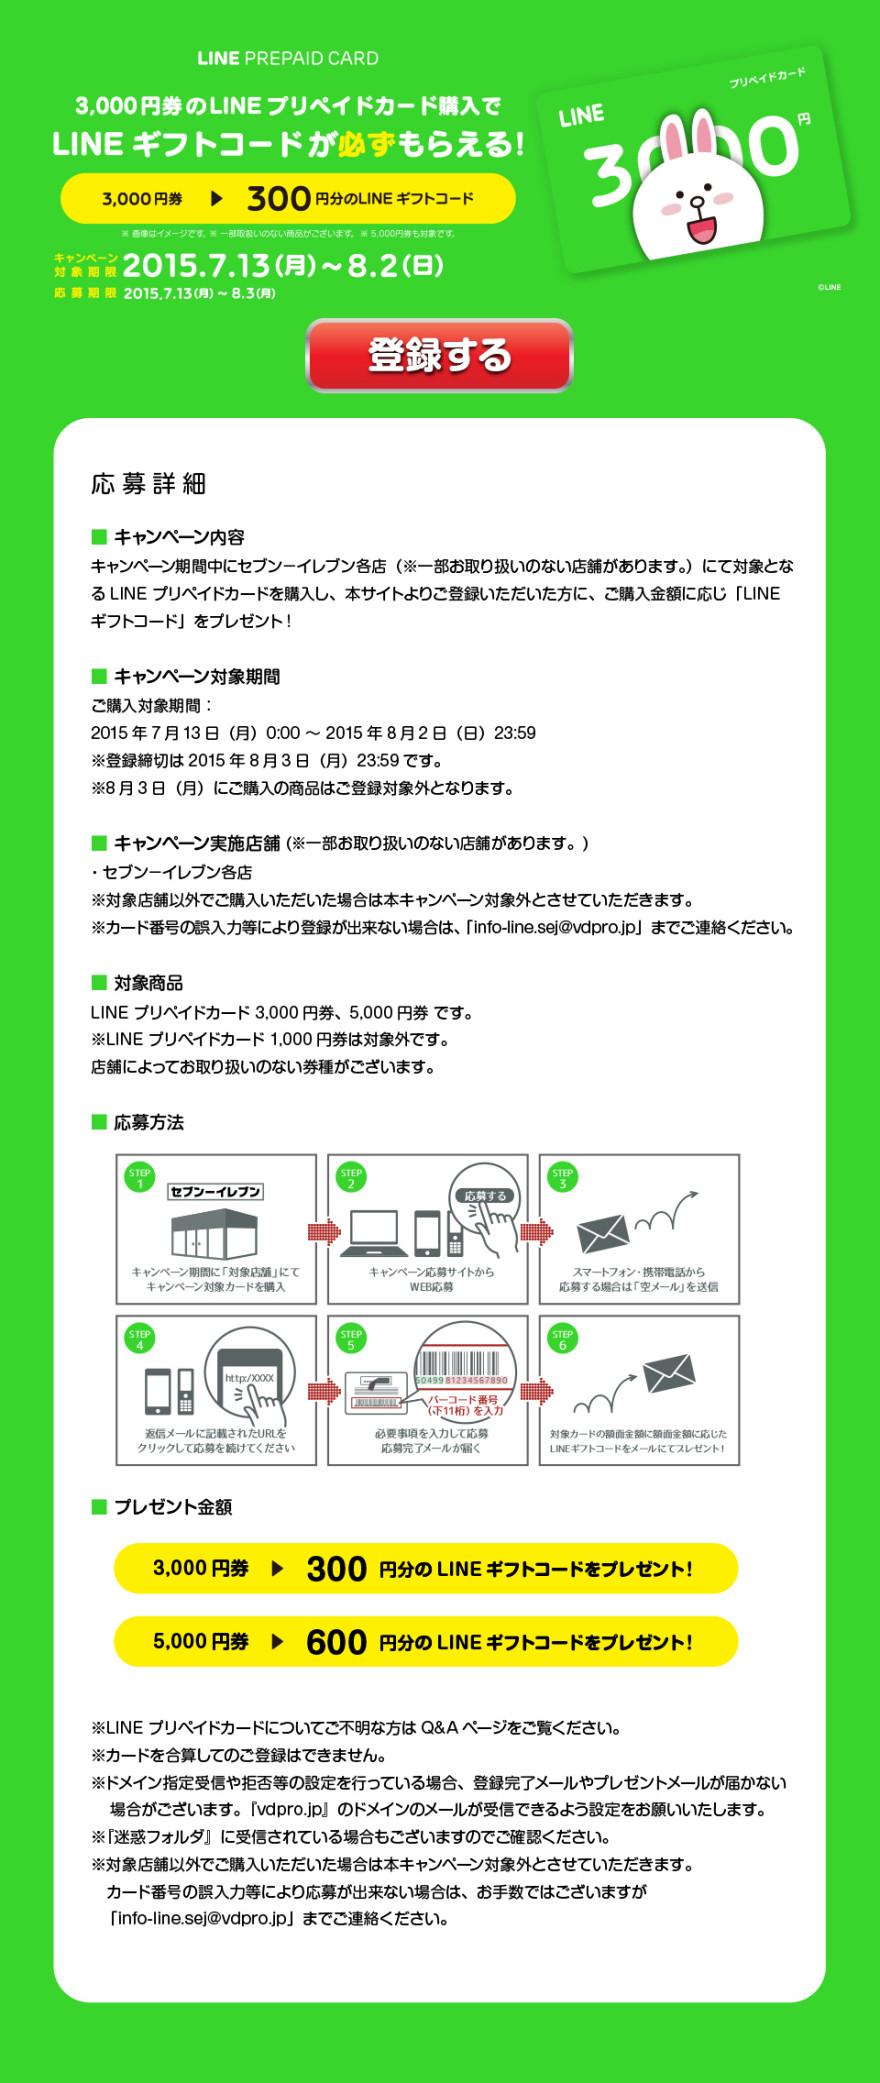 セブン−イレブン LINE プレゼントキャンペーンのお知らせ